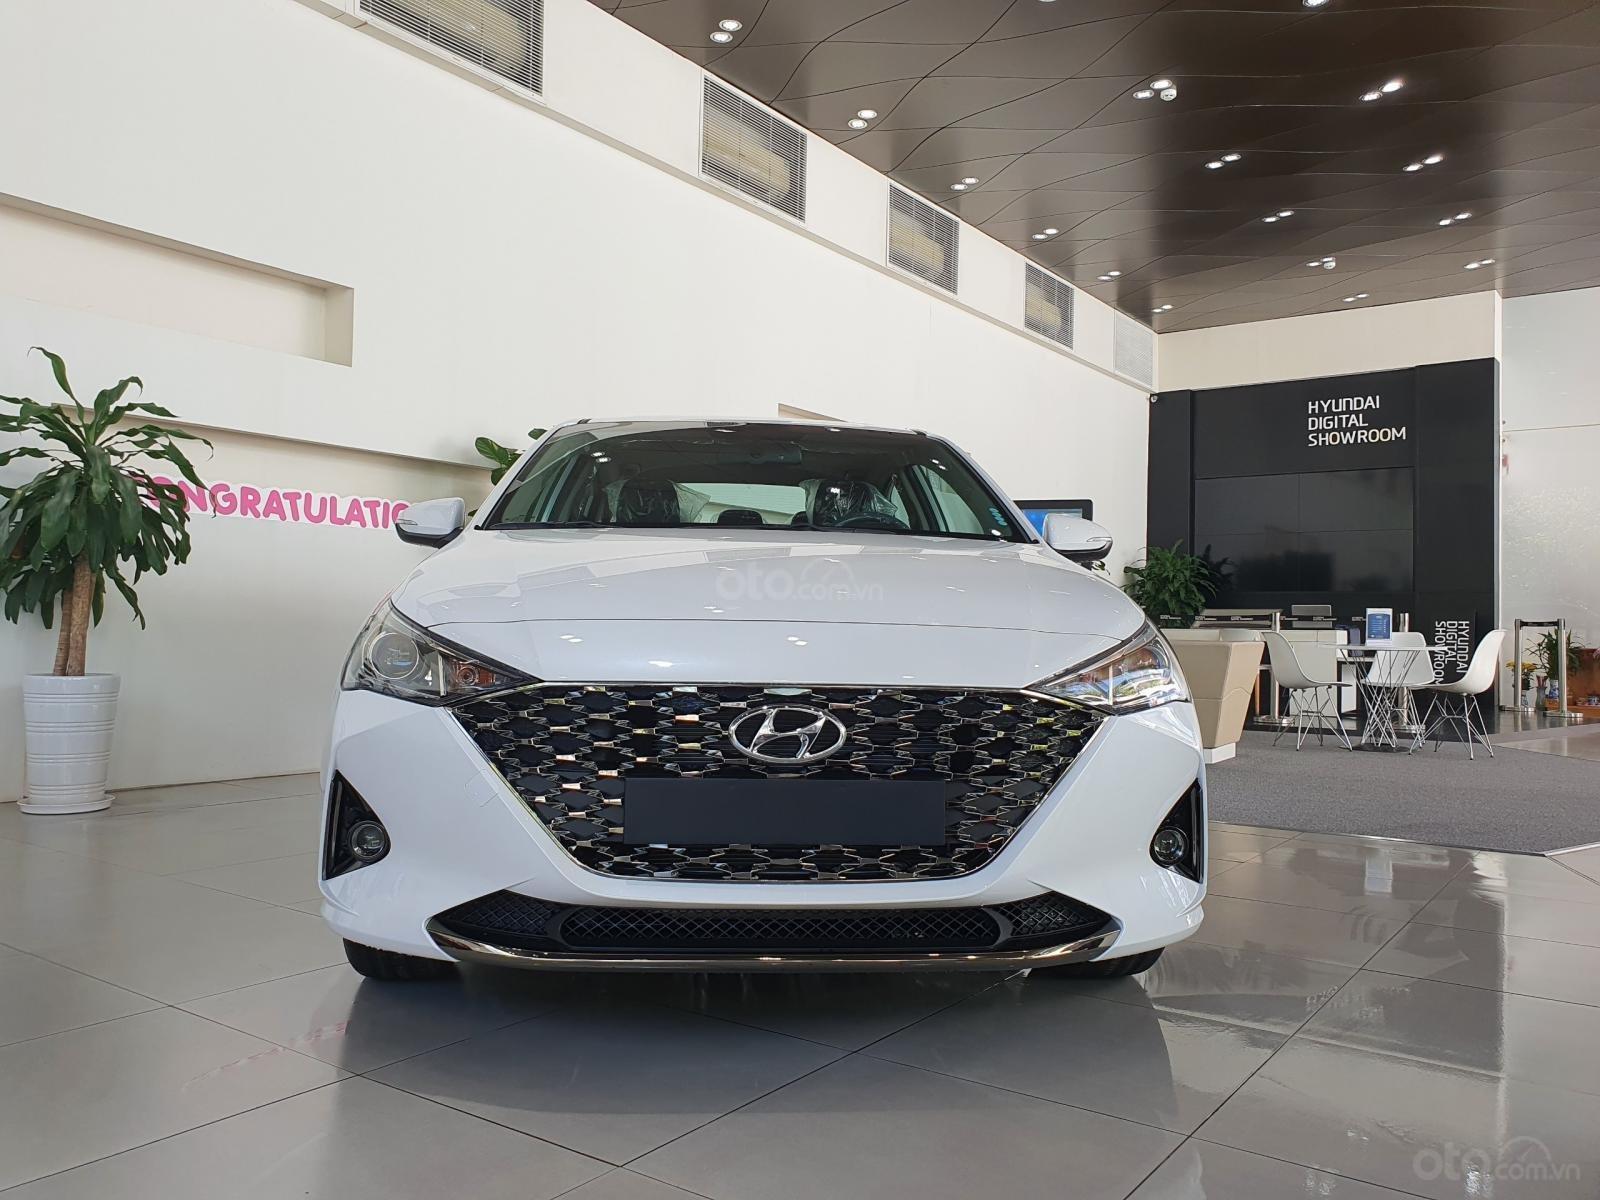 [Hyundai Miền Nam] Hyundai Accent năm 2021 - tặng gói phụ kiện chính hãng - xe đủ màu giao ngay - giá tốt nhất miền Nam (3)